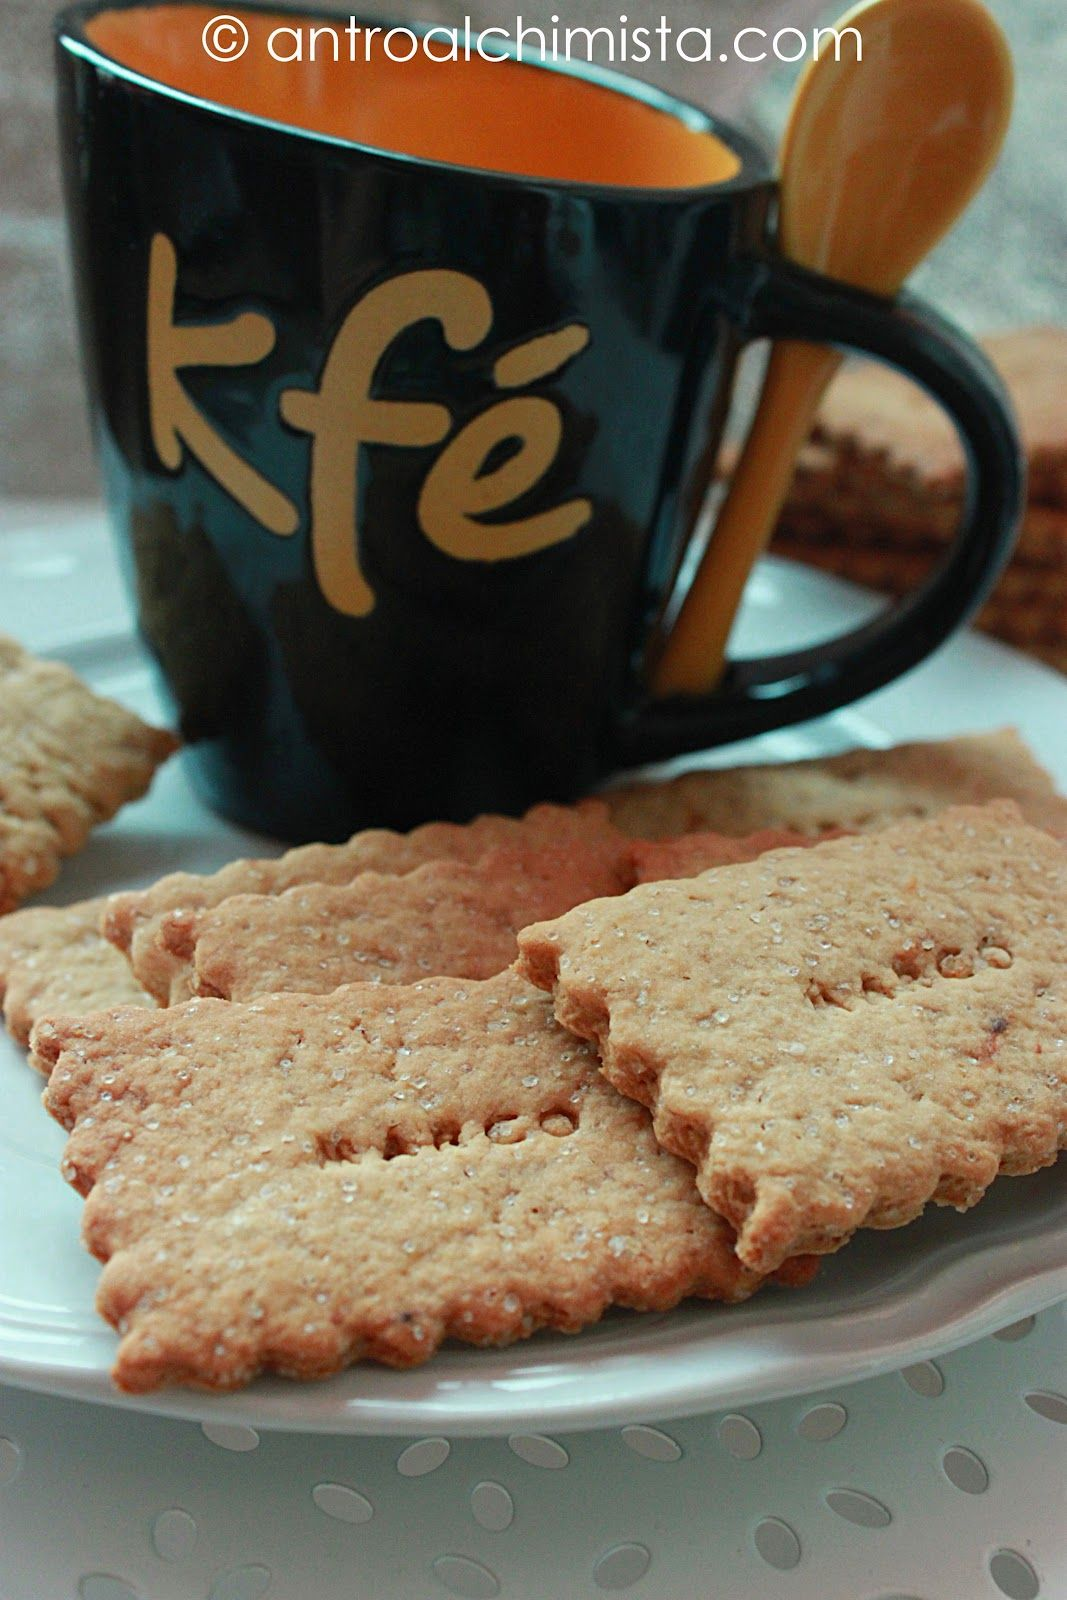 Biscotti al Caffè - Coffee Biscuits